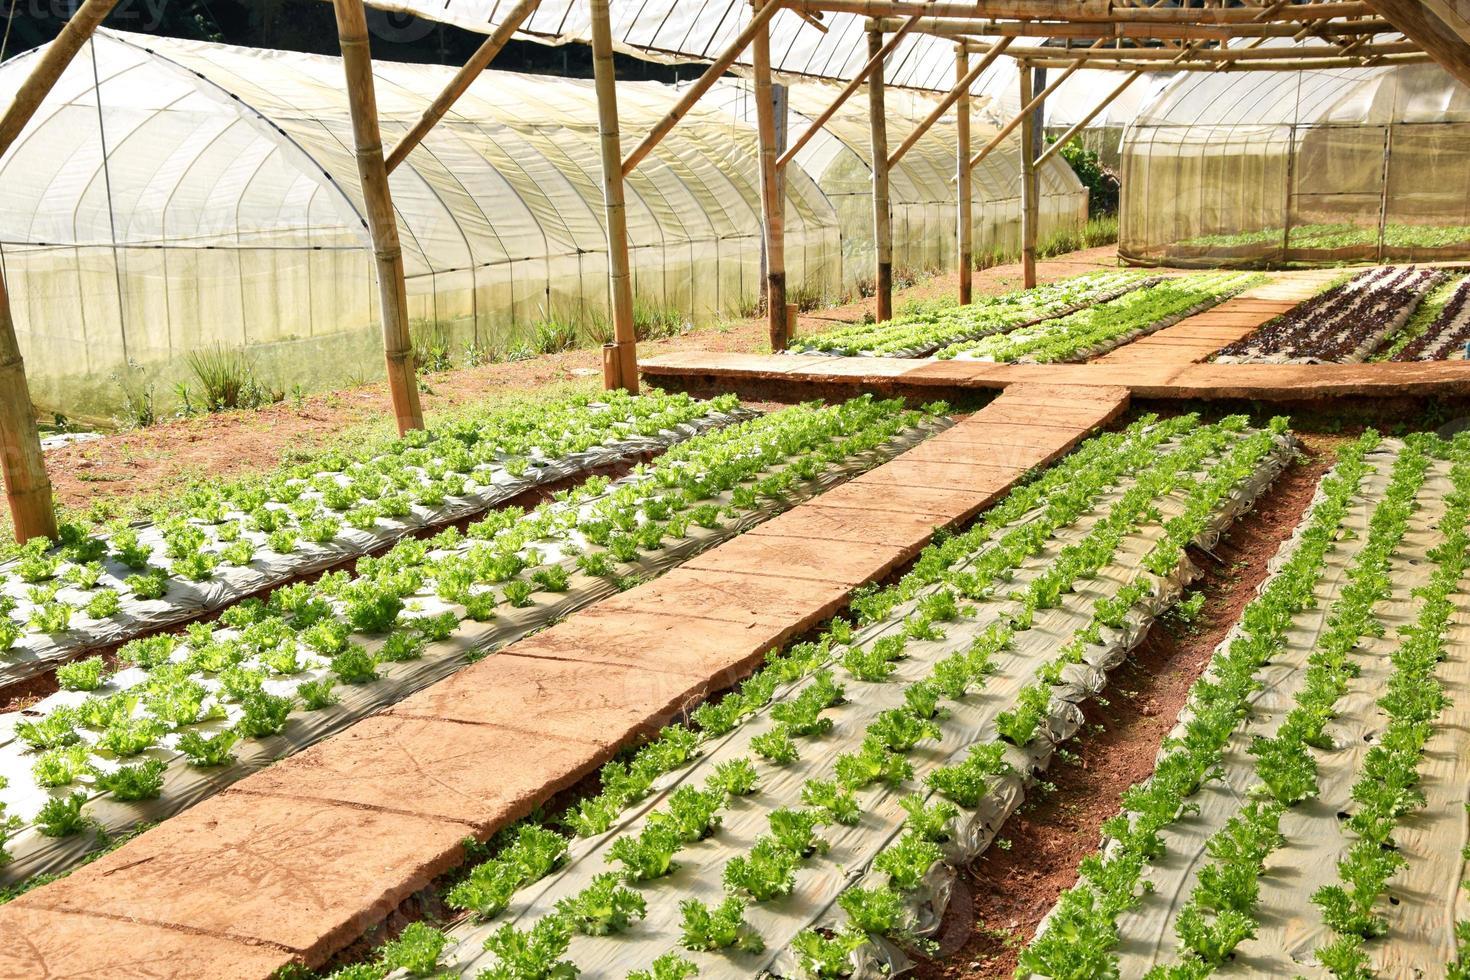 alface fresca crescendo em um sistema de hidroponia em estufa foto